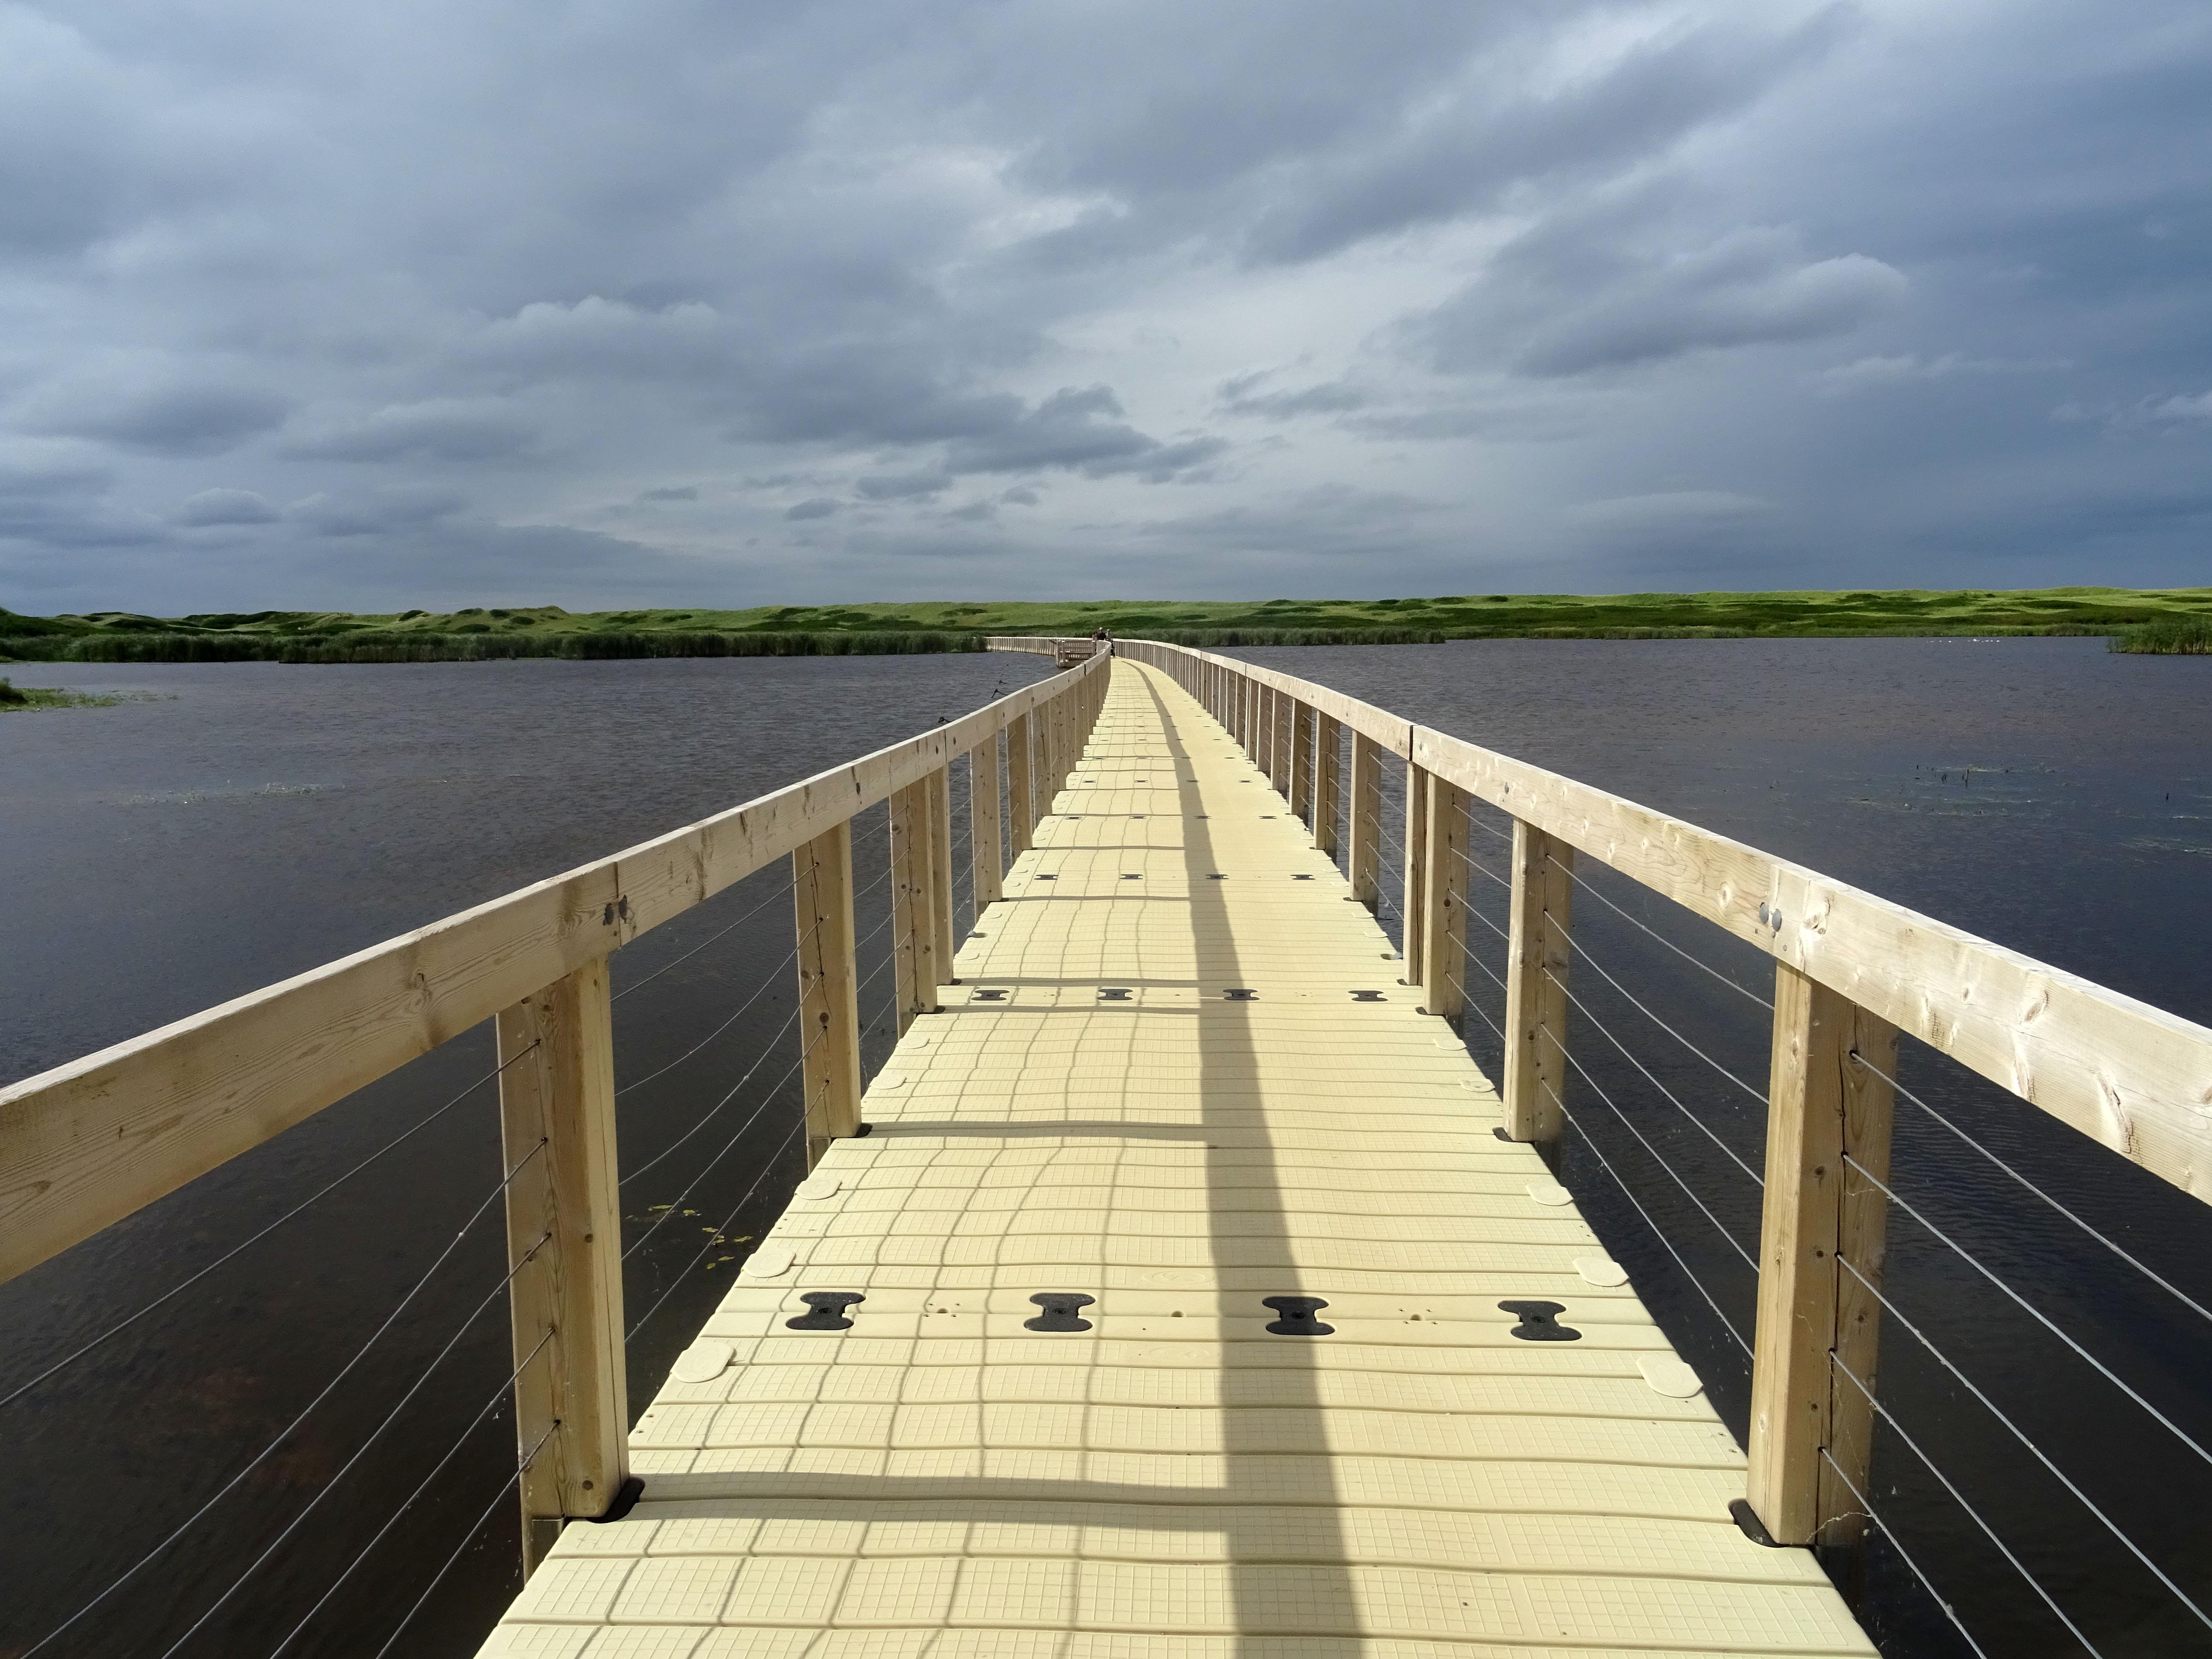 Parc national de l'île du prince edouard greenwich dunes de sable itinéraire road trip est canadien en été